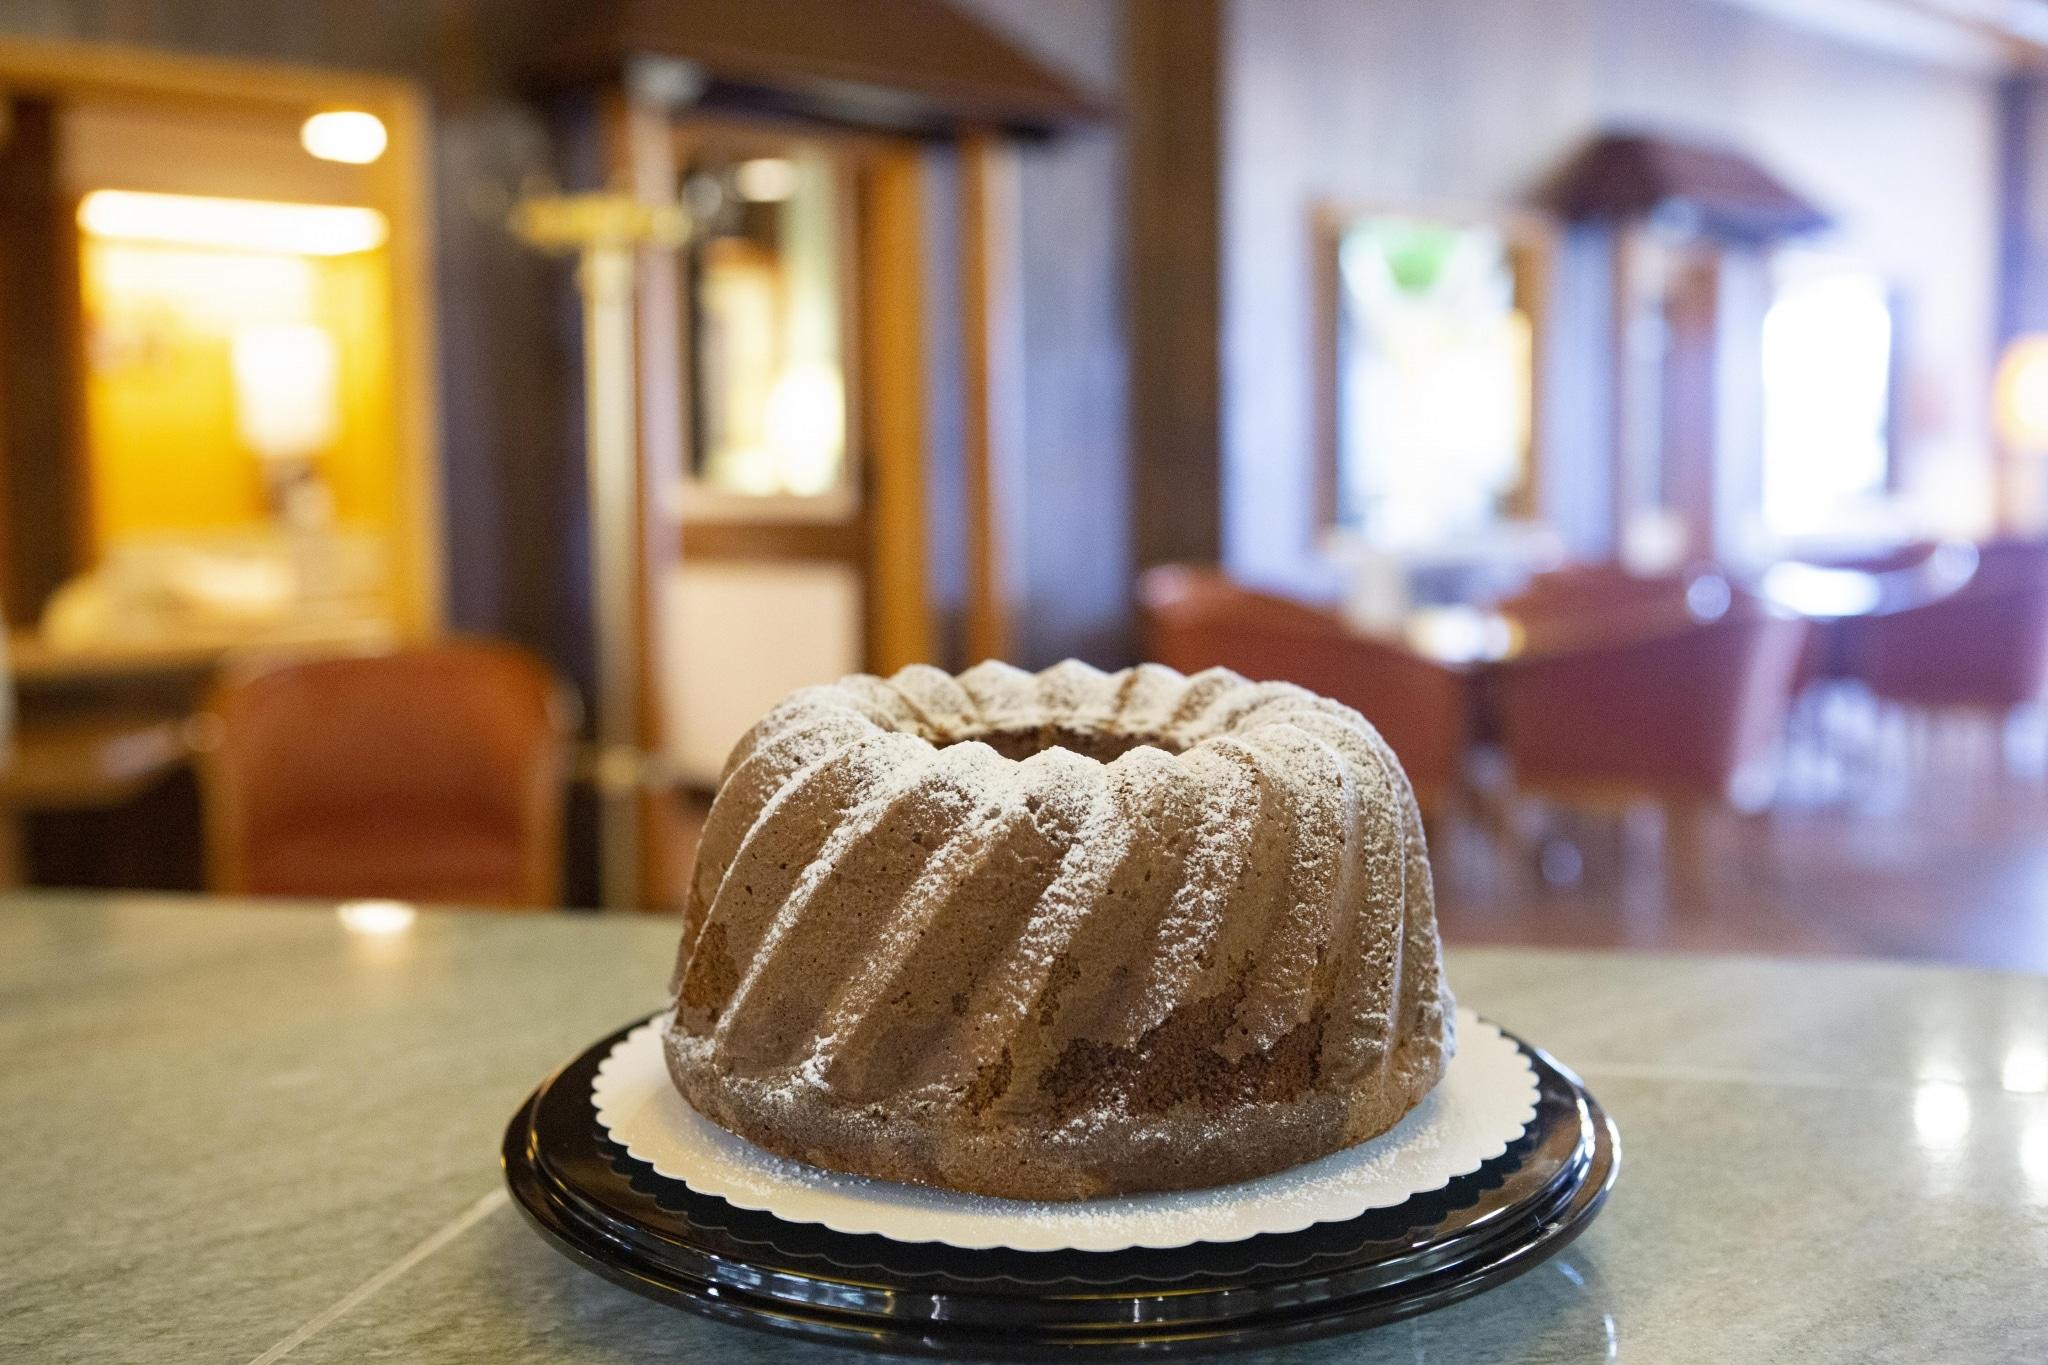 Gugelhupf Detailaufnahme vor dem Hintergrund des Cafes